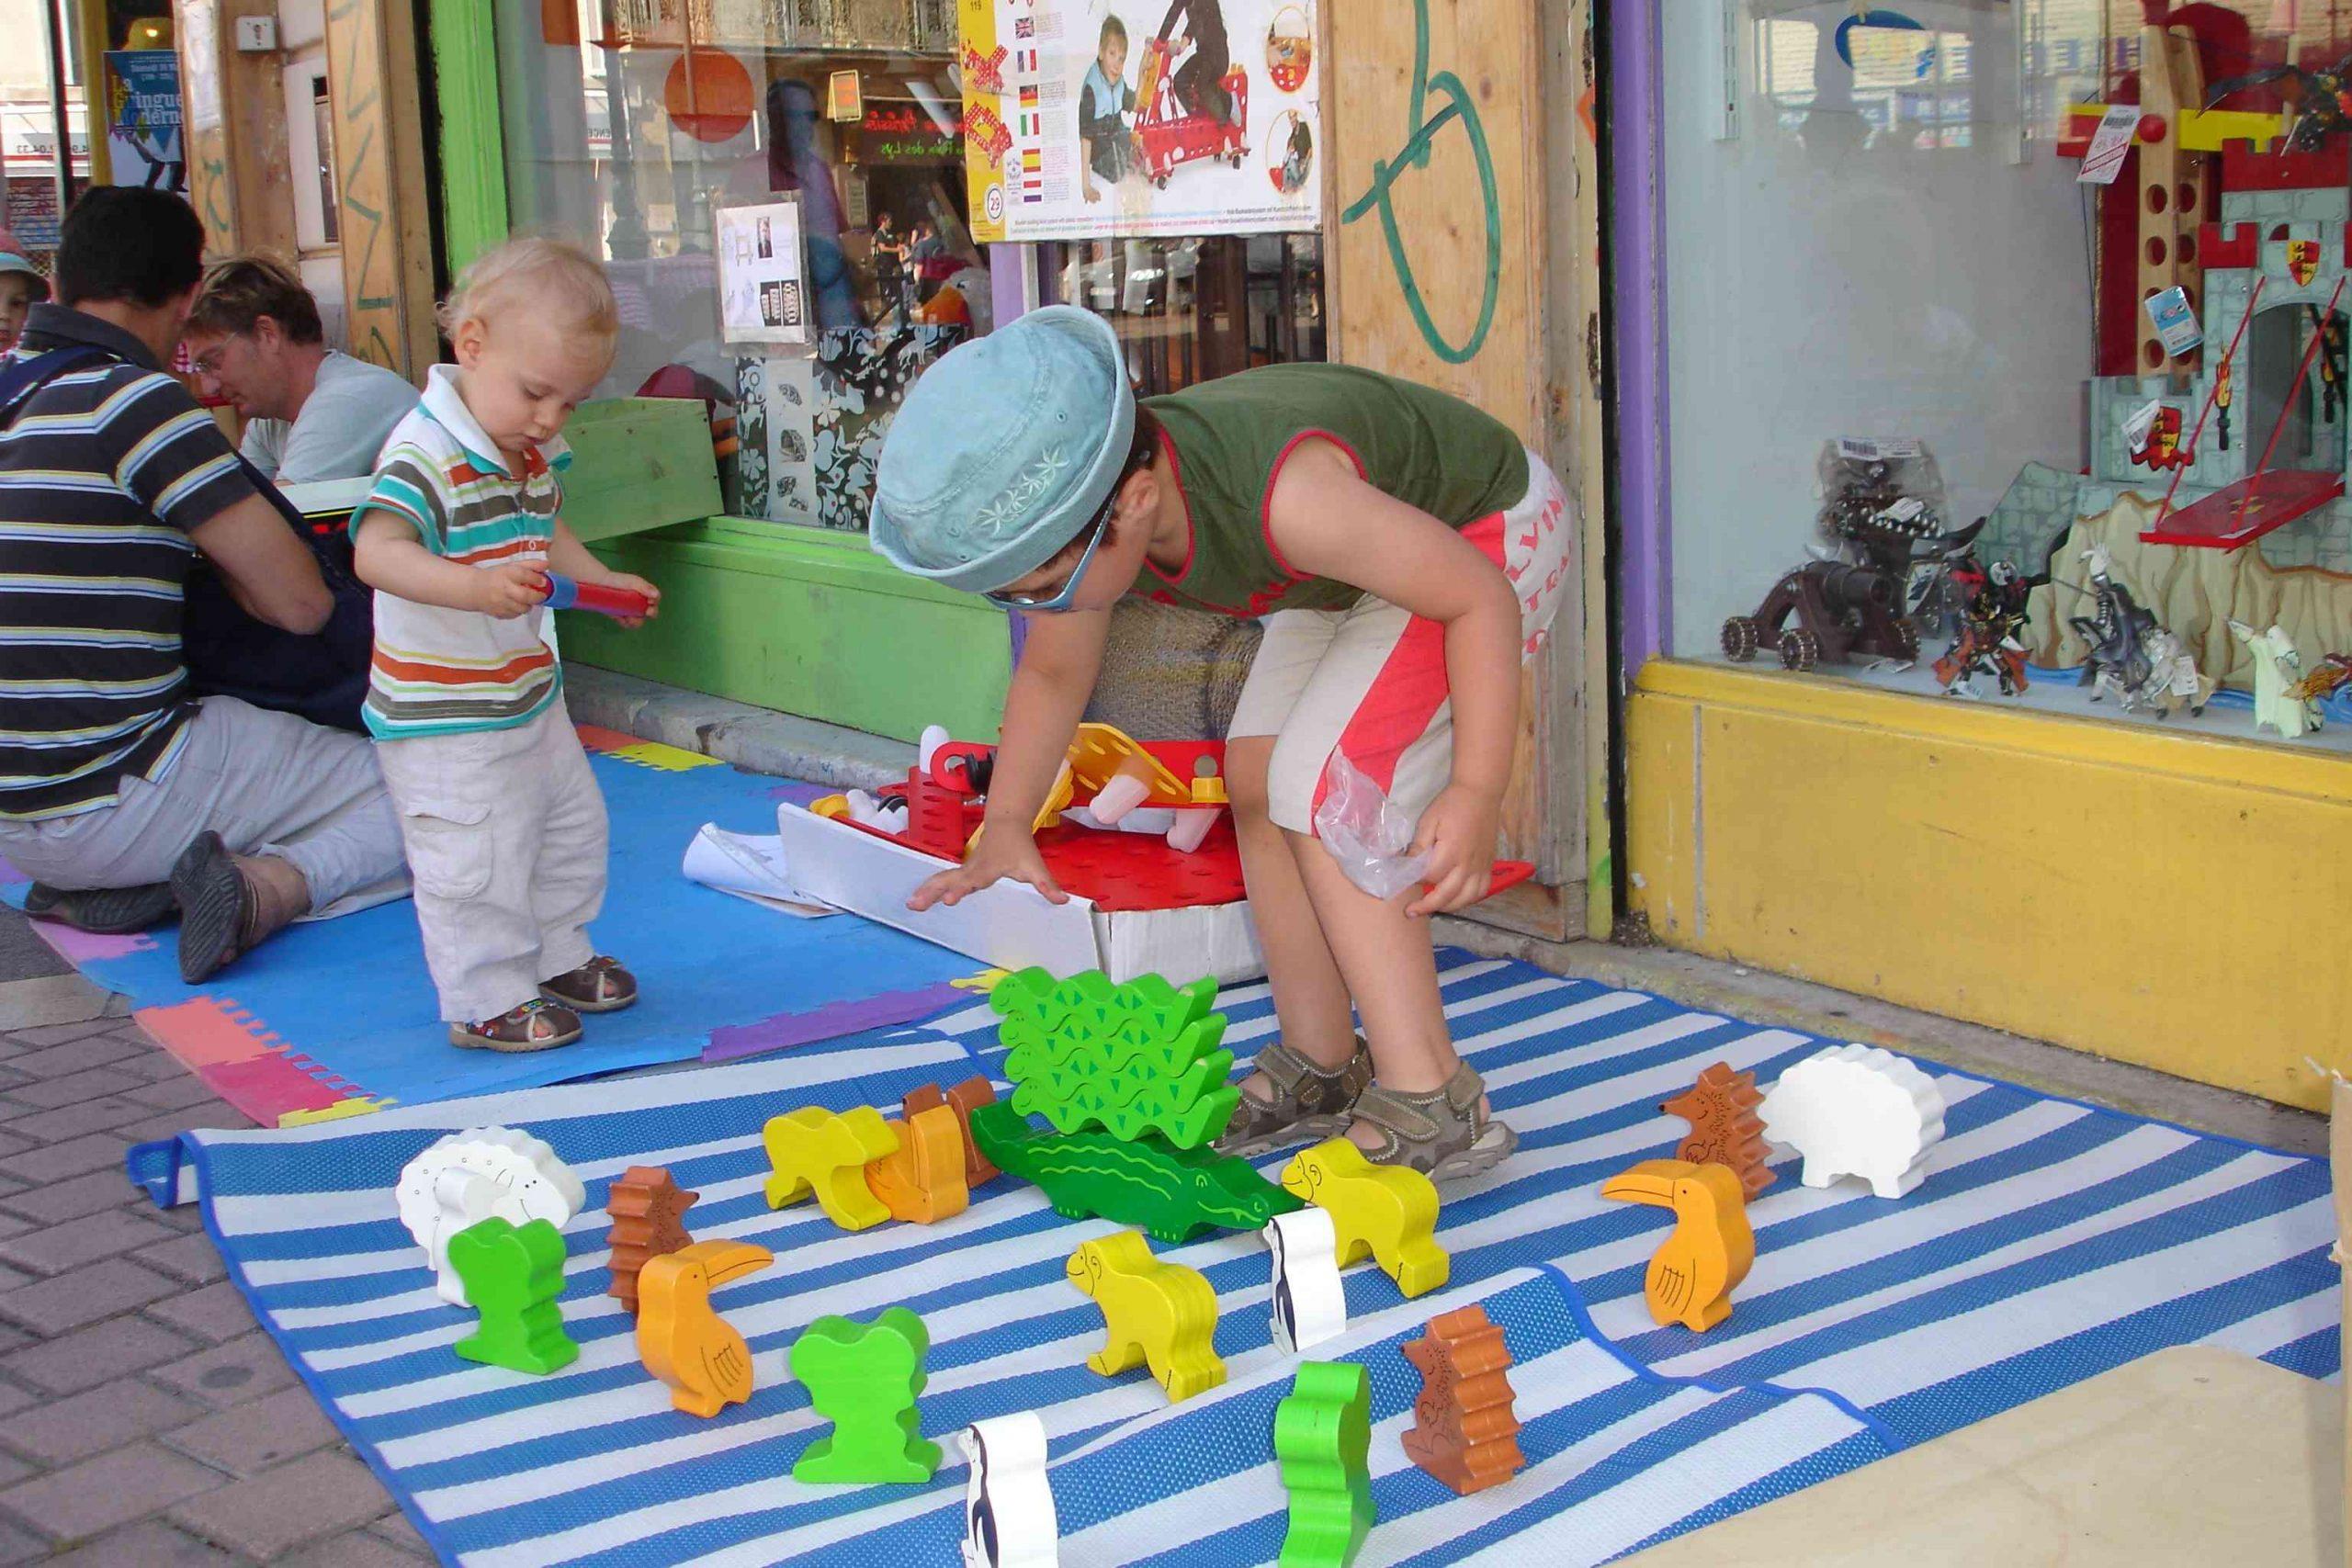 Activités Et Jeux Pour Enfants: Le Programme | La Guinguette tout Jeux Pour Petite Fille De 4 Ans Gratuit